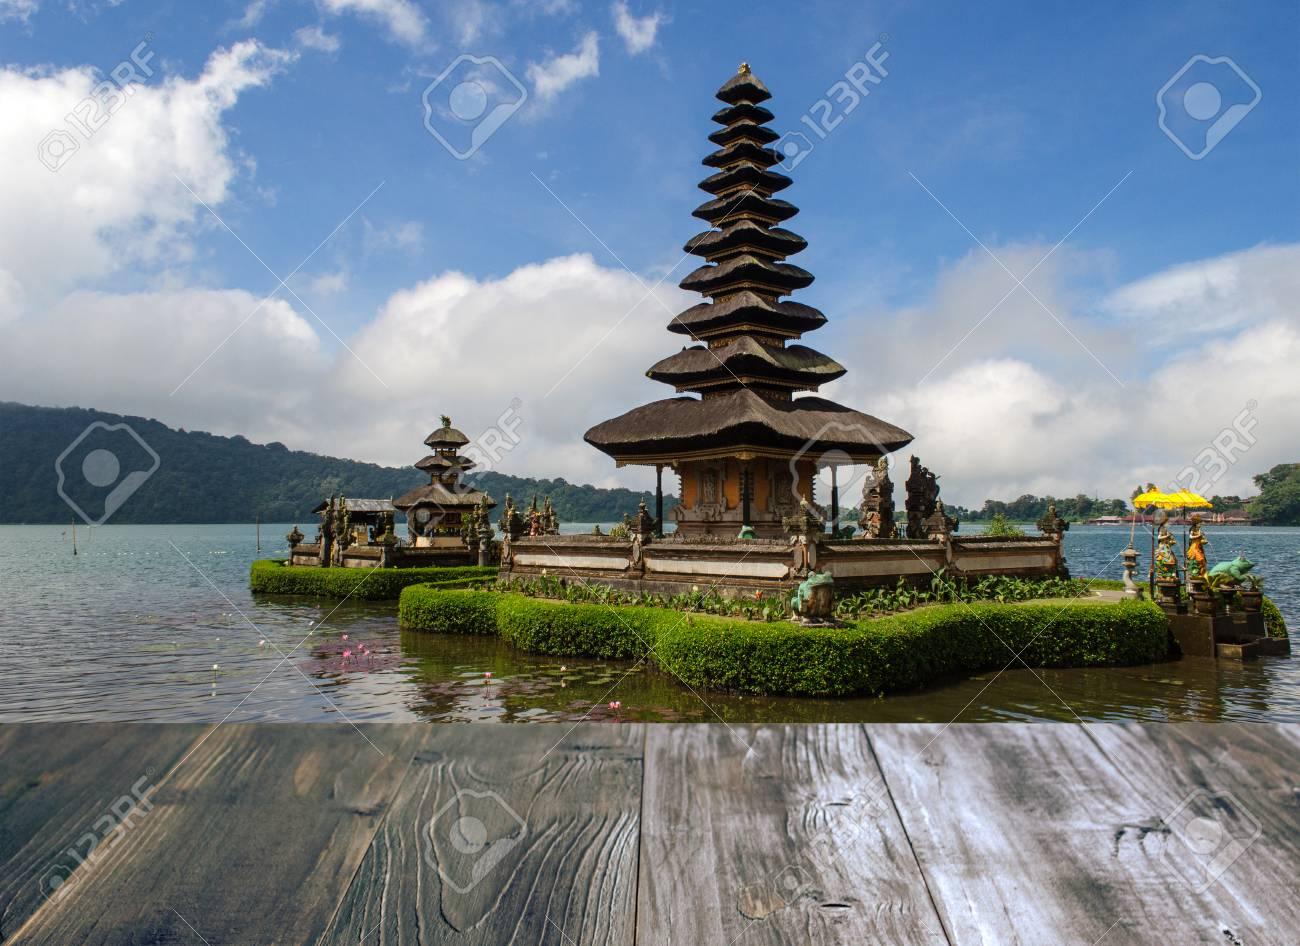 Terraza De Madera Del Vintage Con La Vista De Pura Ulun Danu Batur Es Templo Hindú En El Lago Bratan En Bali Indonesia Foco Suave Foco Selectivo